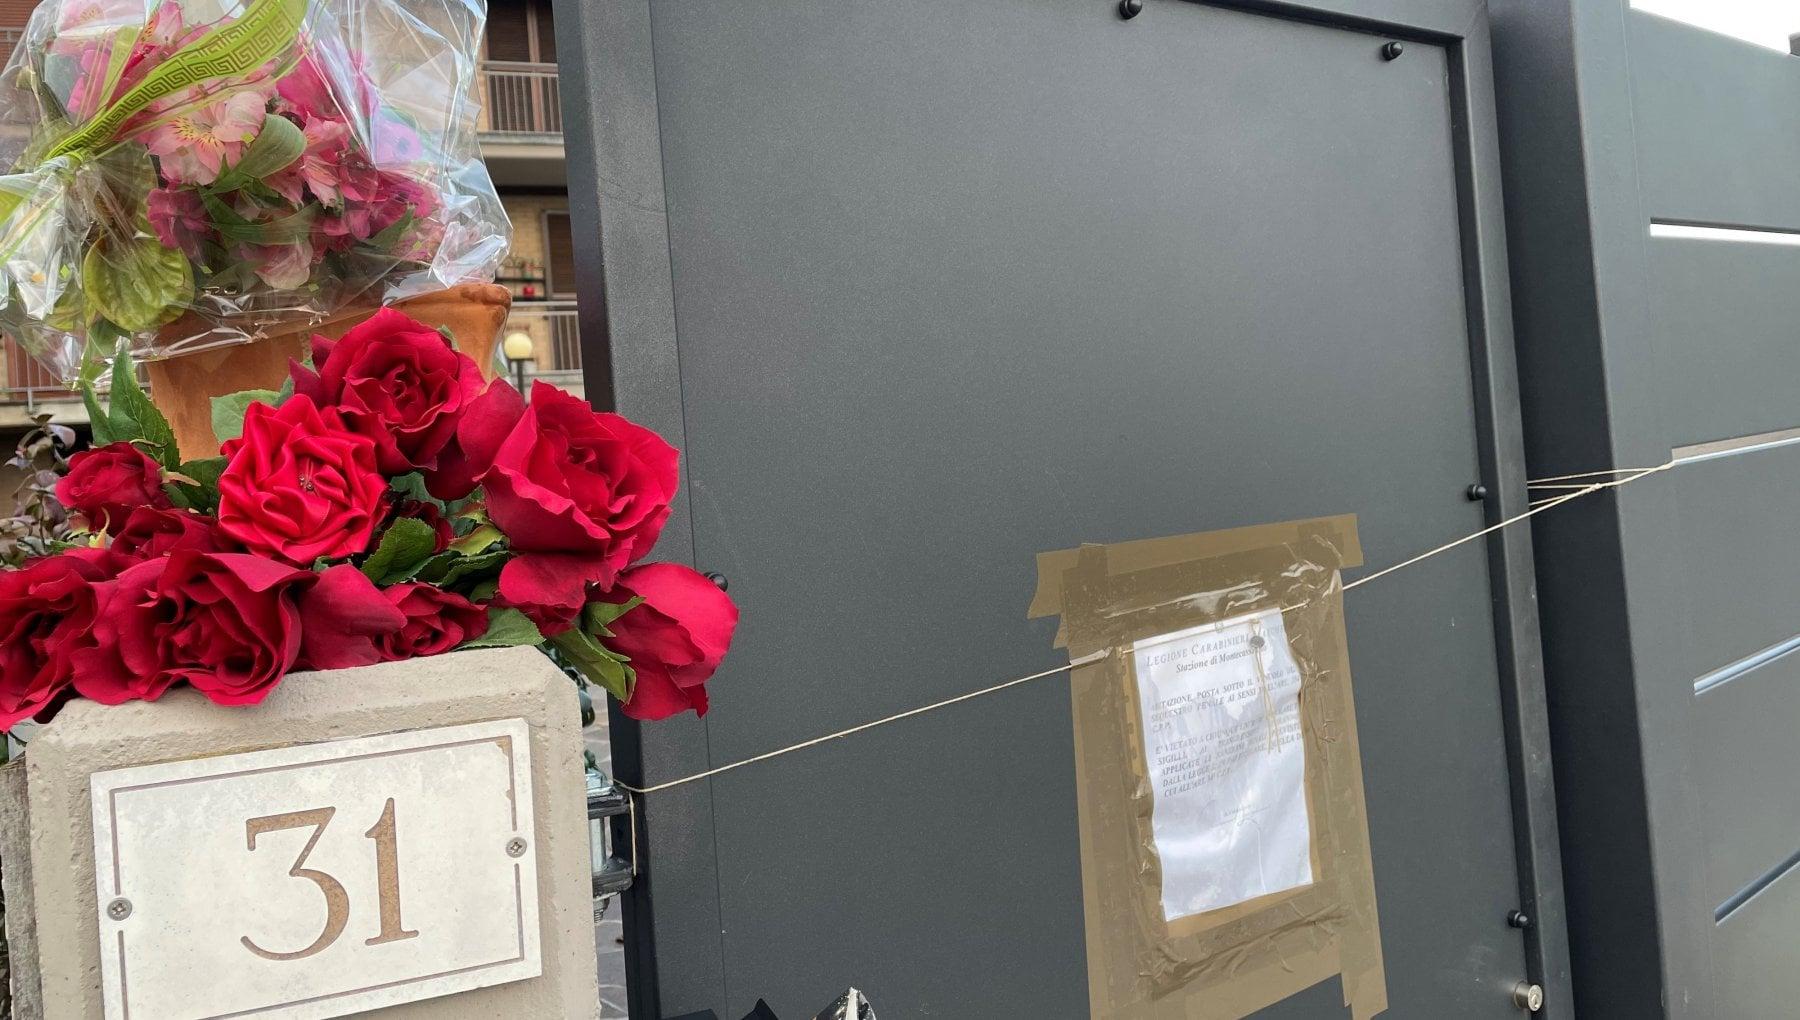 Montecassiano anziana uccisa a Natale. Il giallo del vestito del presunto ladro ma la Procura insiste sui maltrattamenti